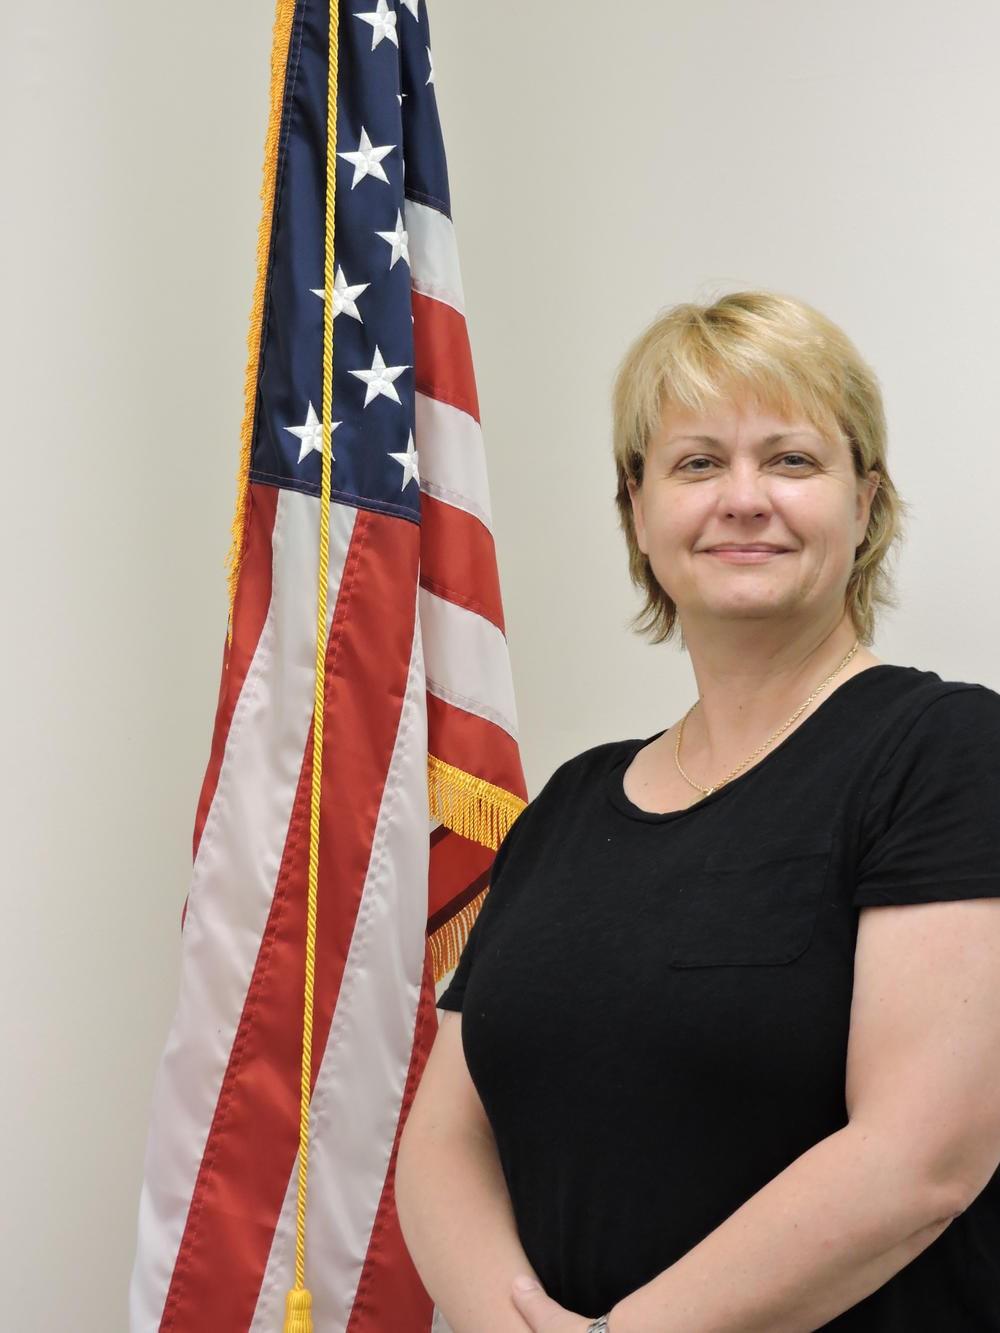 Tammy Mastroianni, School Board Member